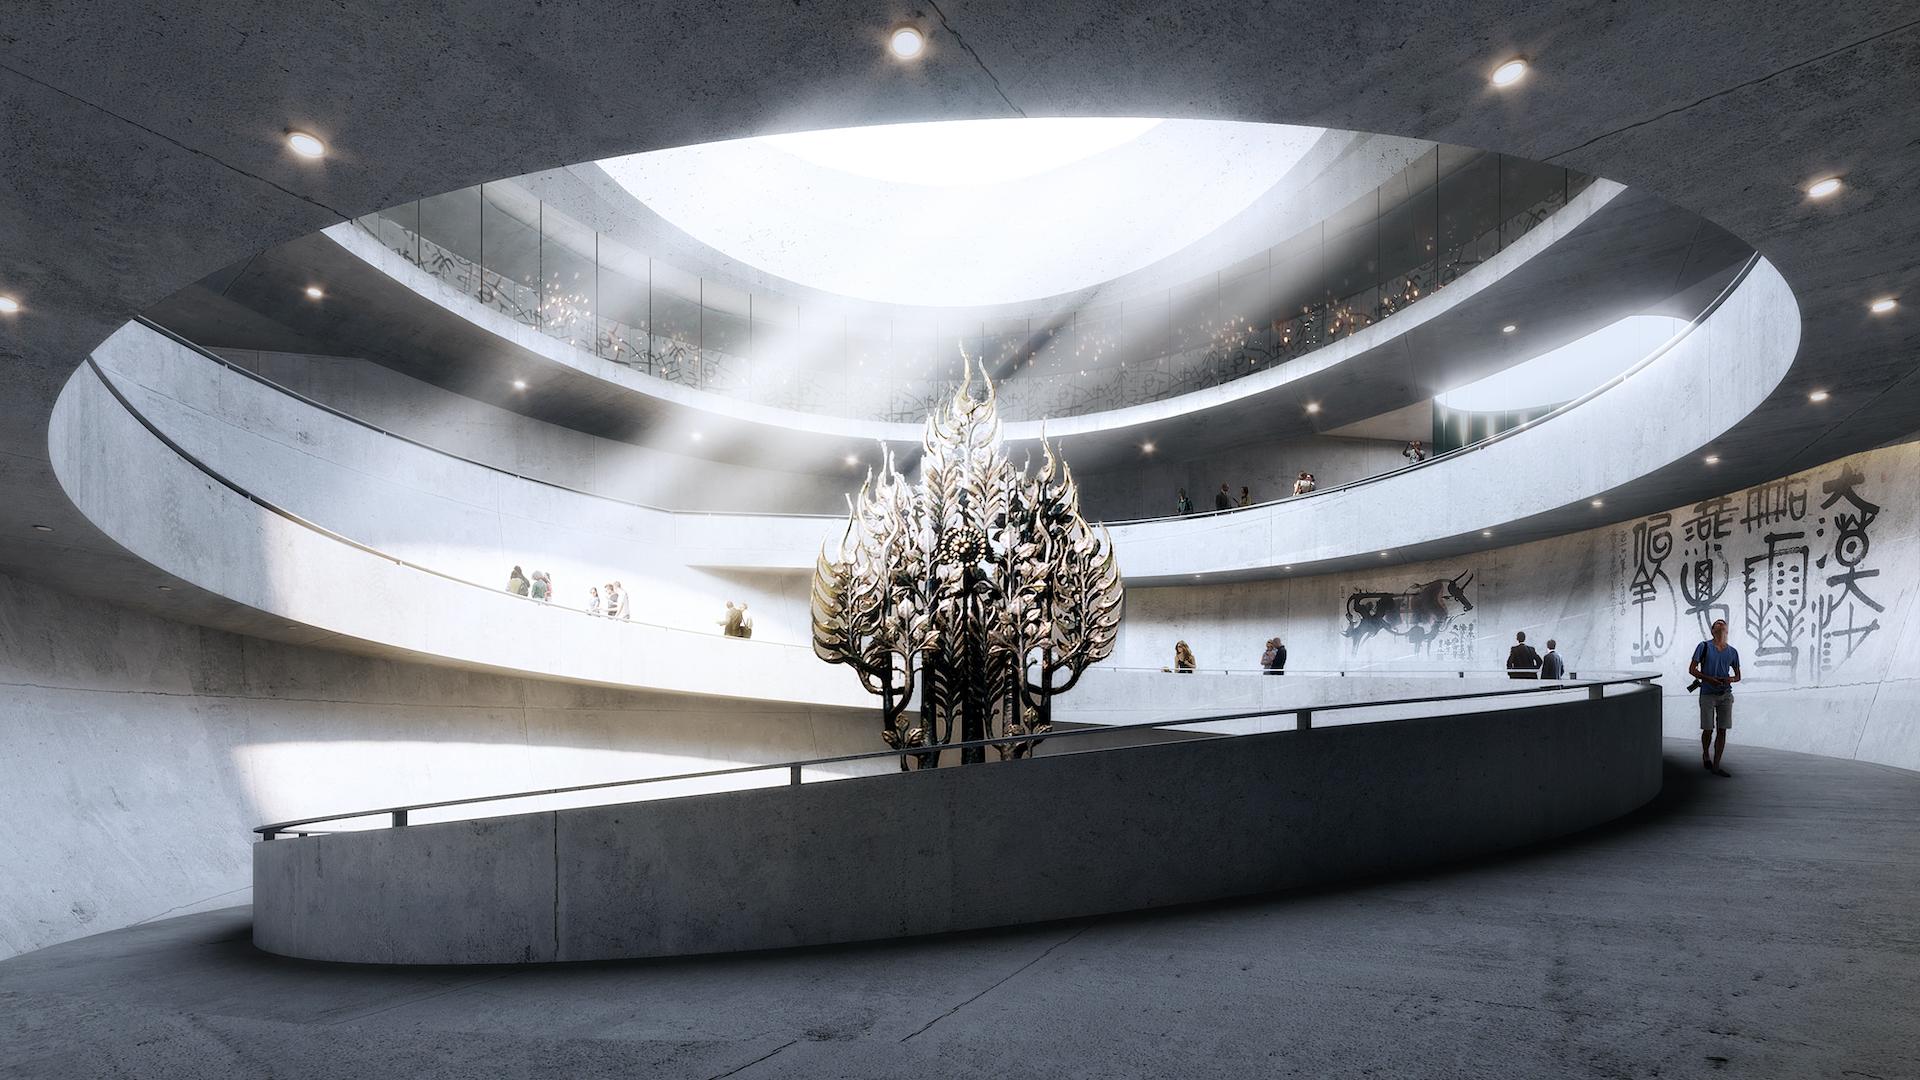 中科院设计院中标通州梨园美术馆方案设计项目